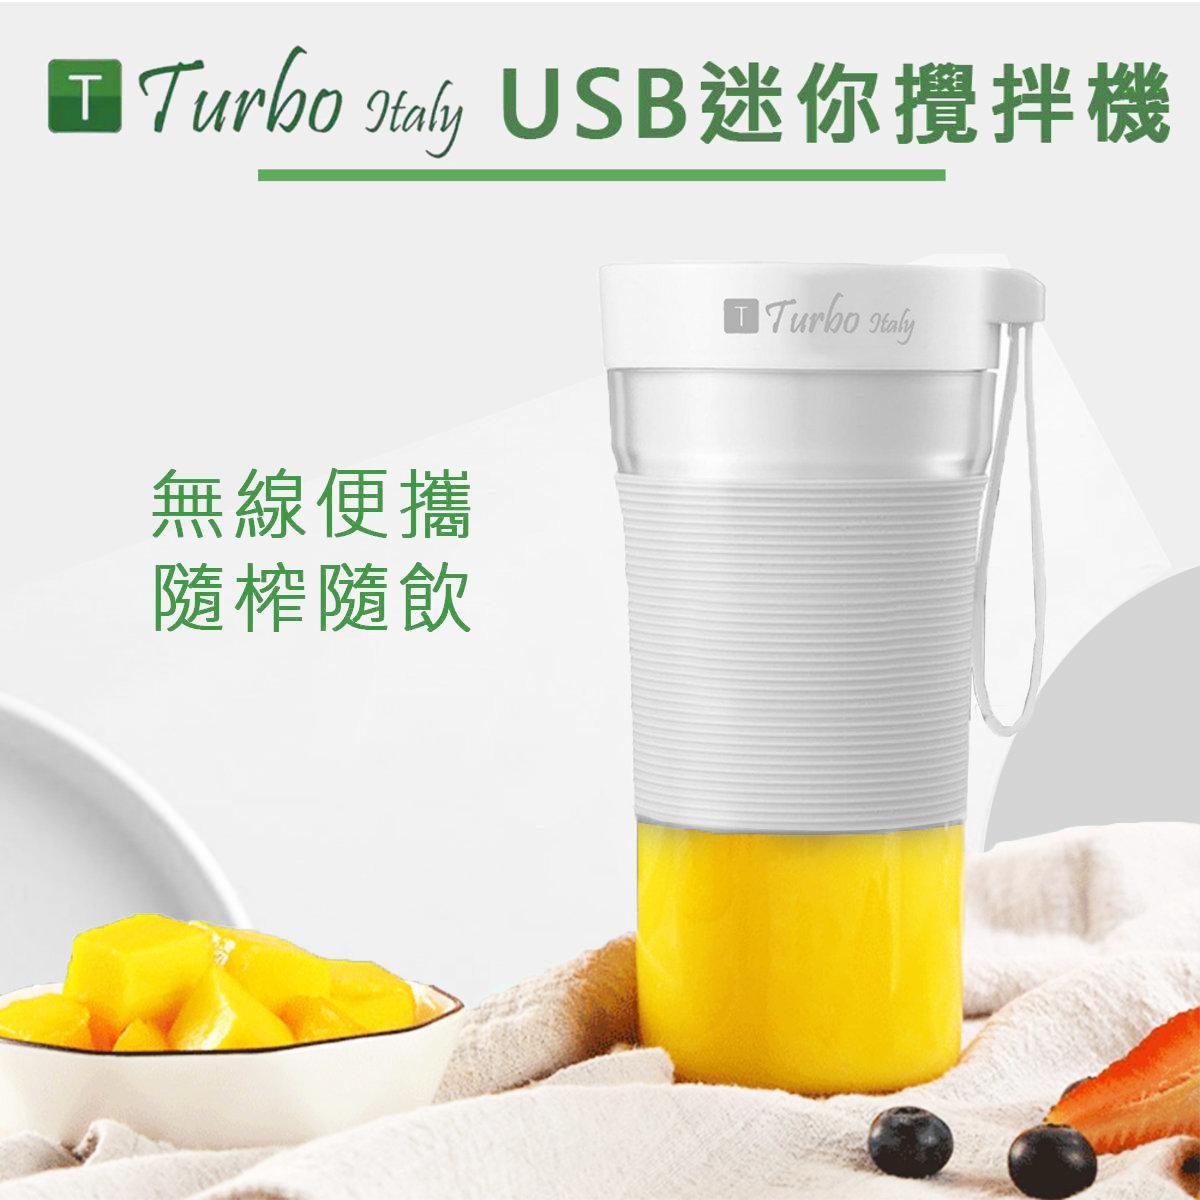 Portable fruit blender (White) TBD-193